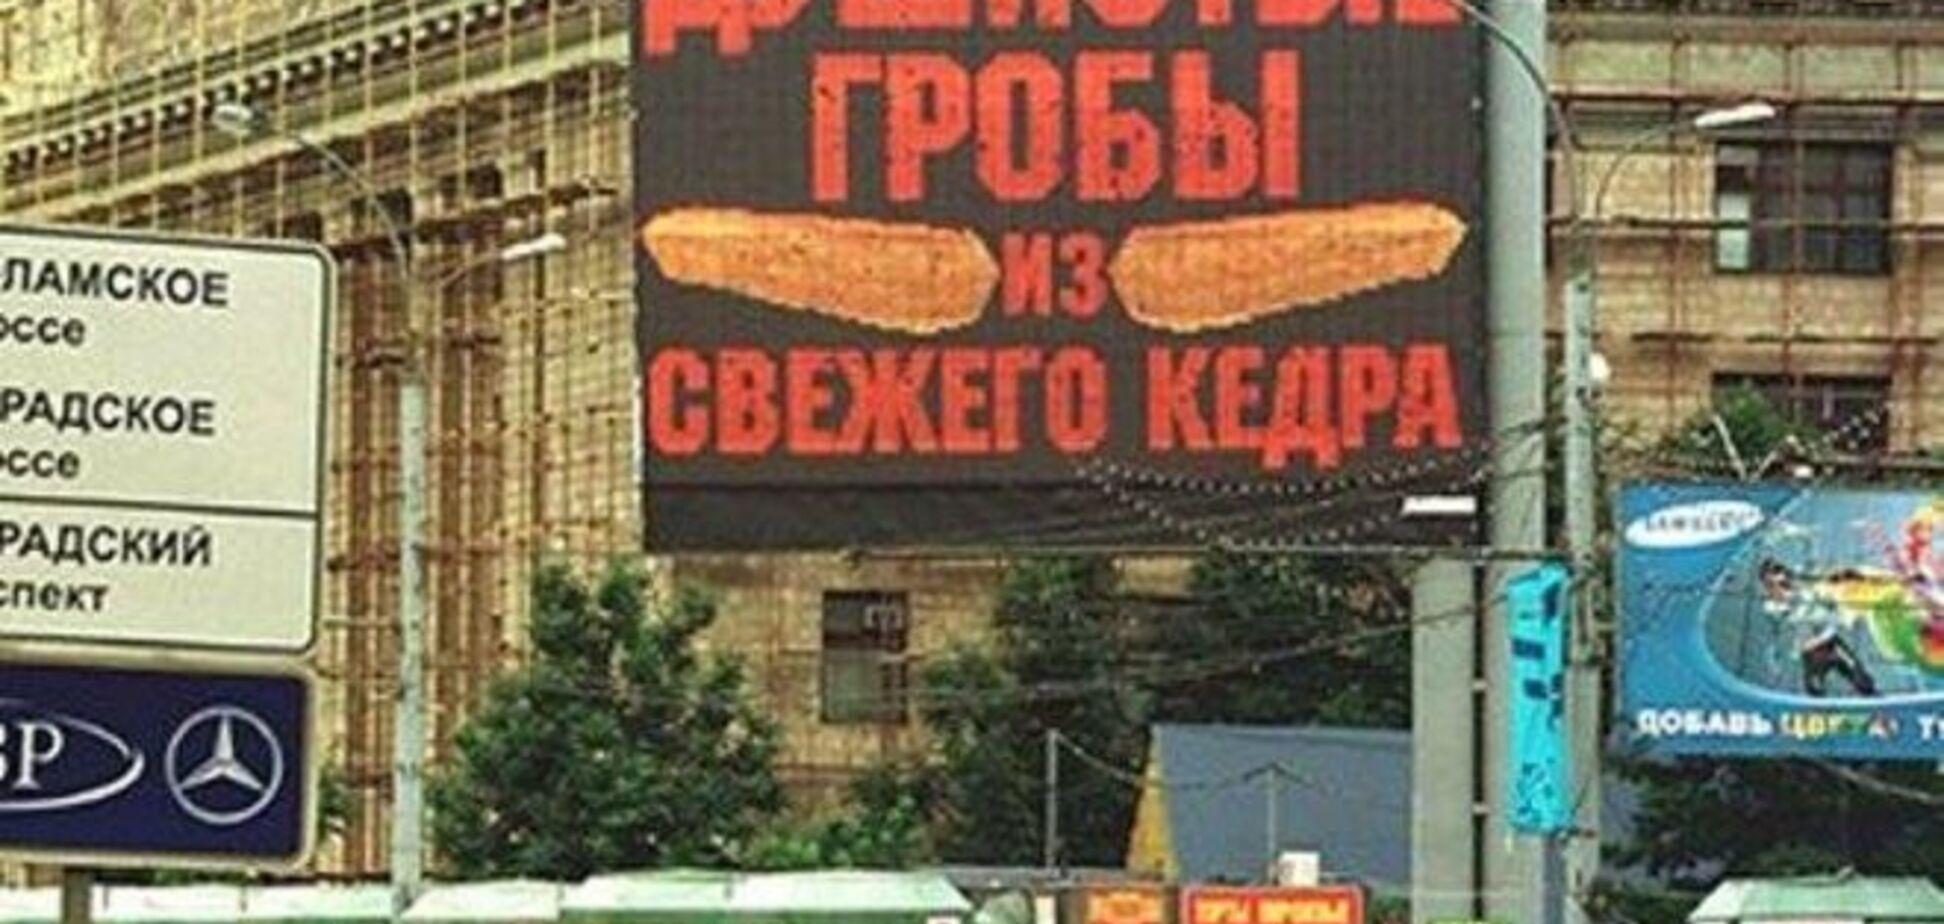 Спрос растет: чиновники из России заказали элитные гробы с капсулами ДНК и микролифтами